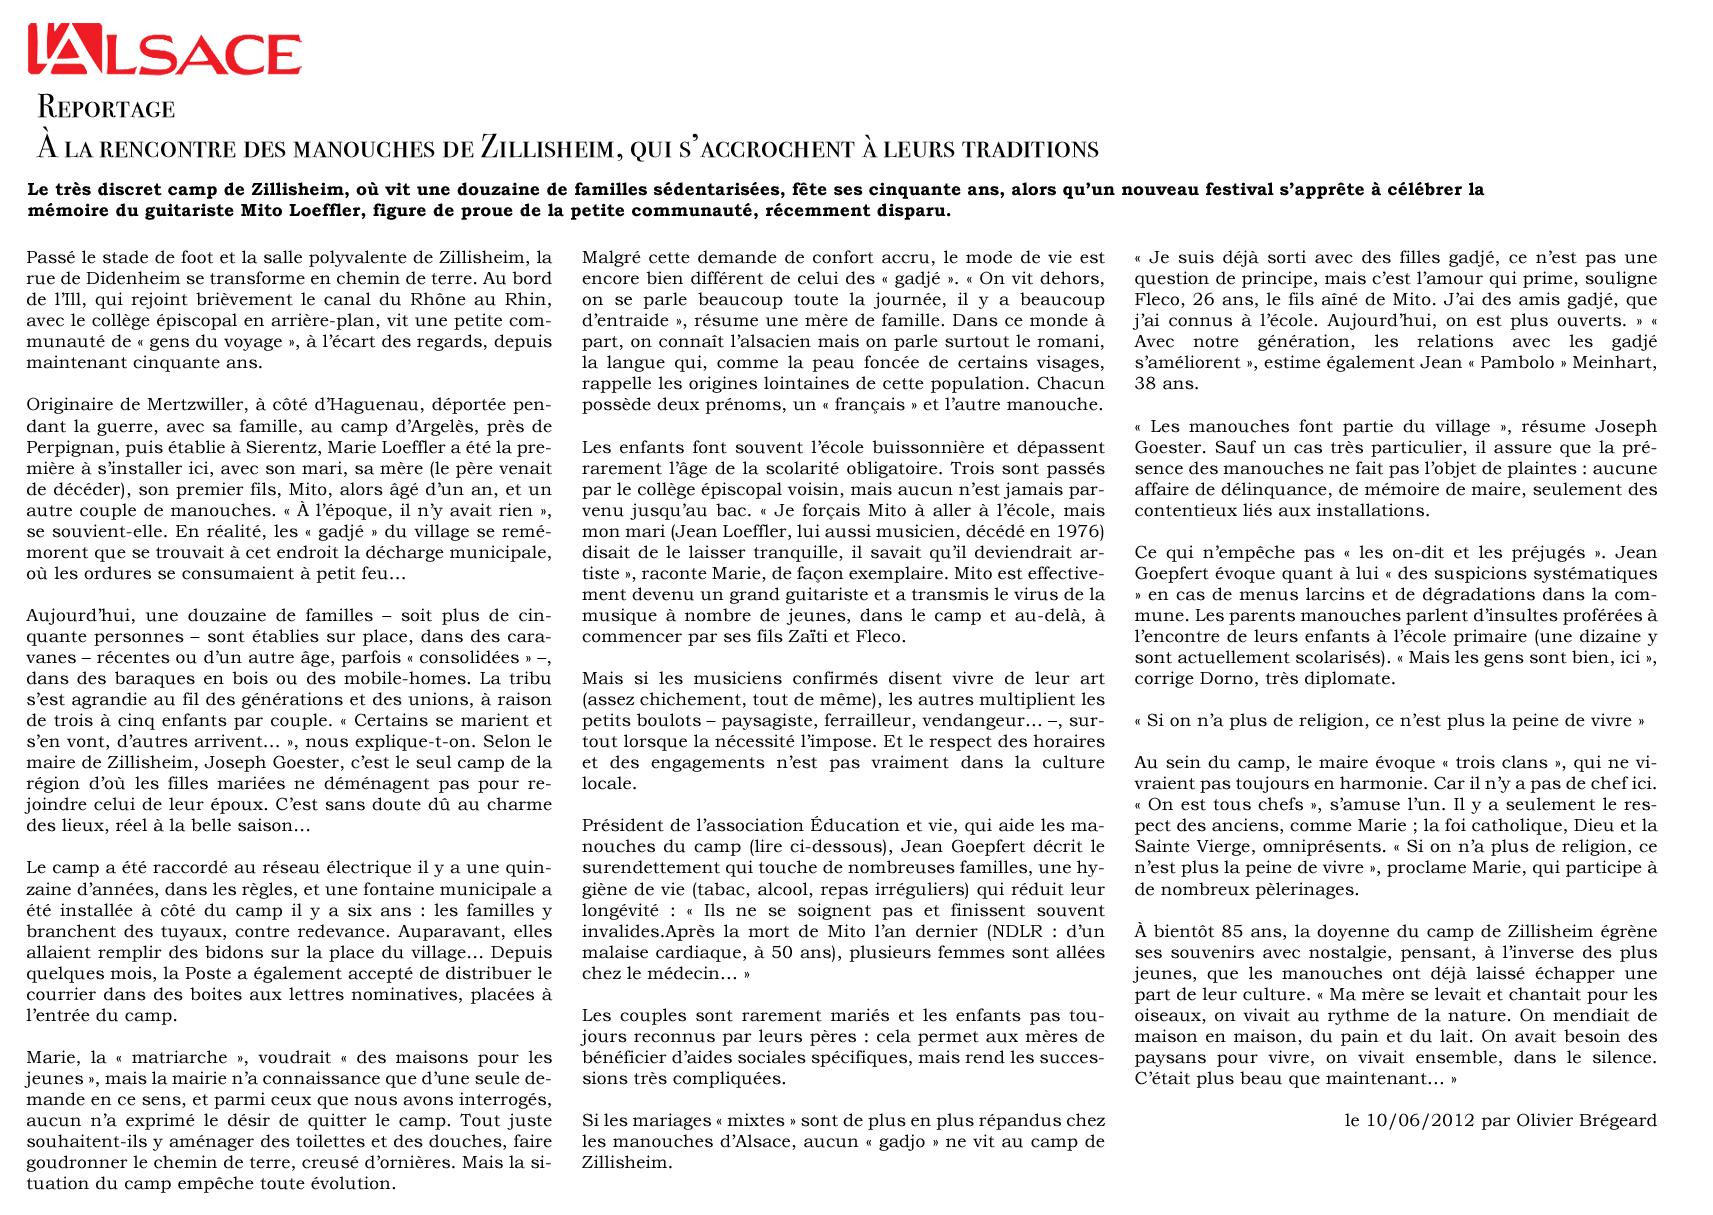 Alsace-10-06-12bis